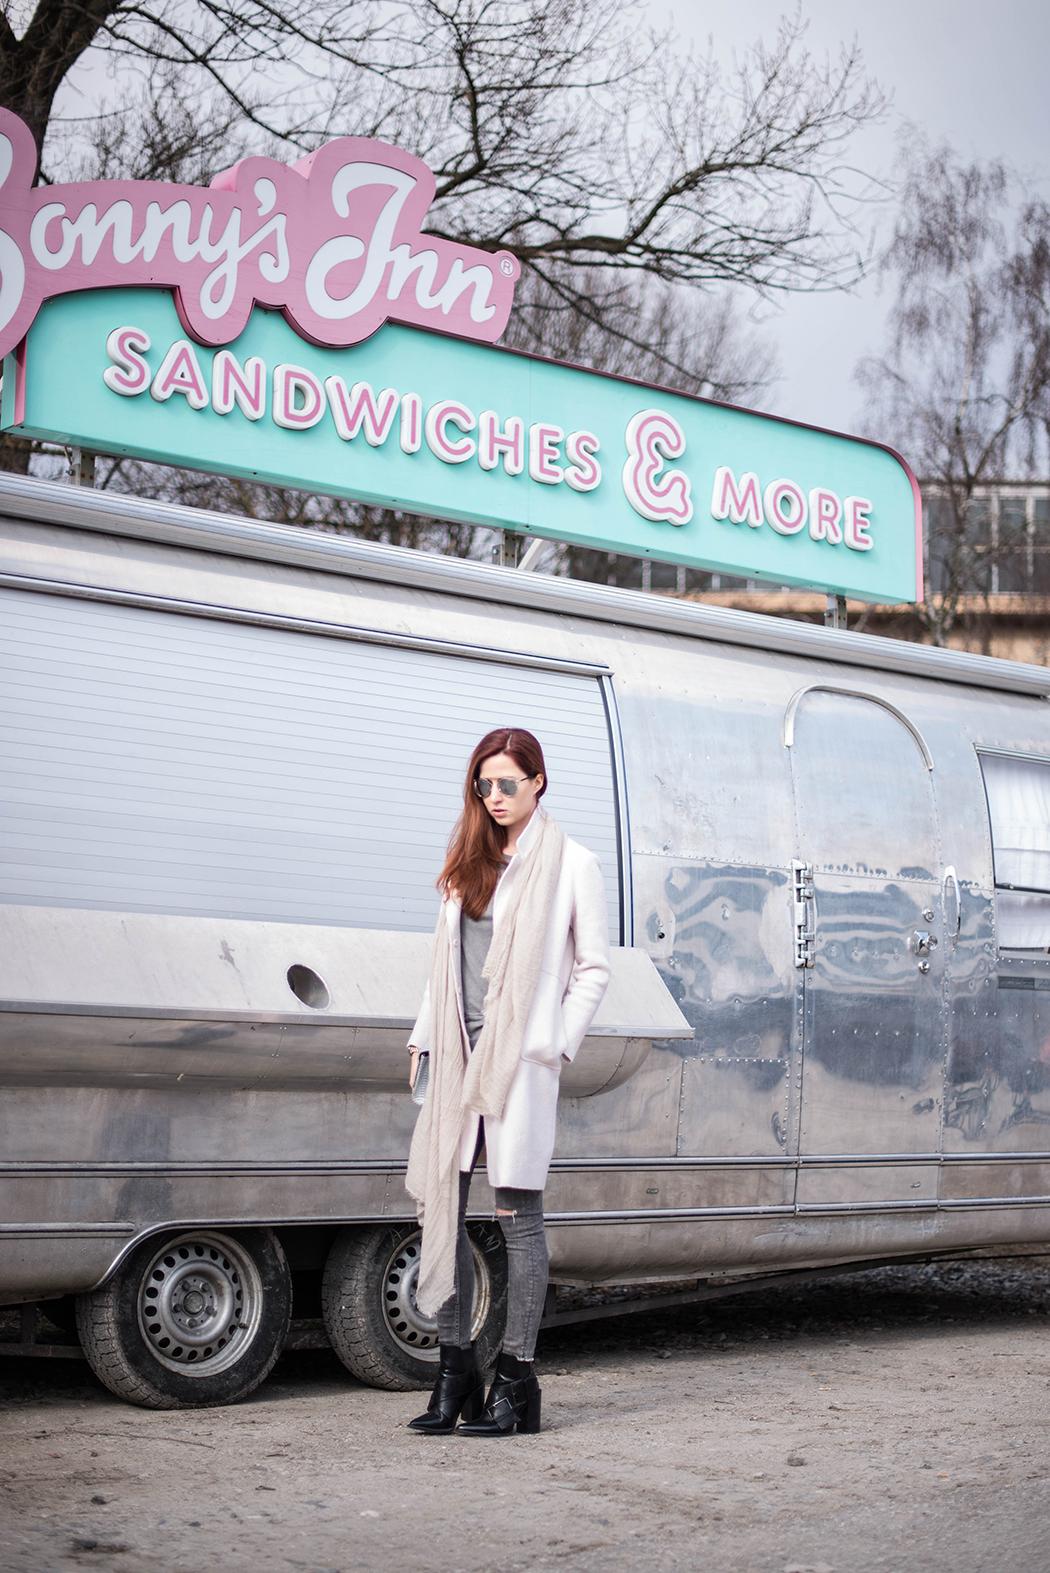 Fashionblog-München-Fashionblogger-Deutschland-Lindarella-Dior-SoReal-Sunlasses-verspiegelt-1